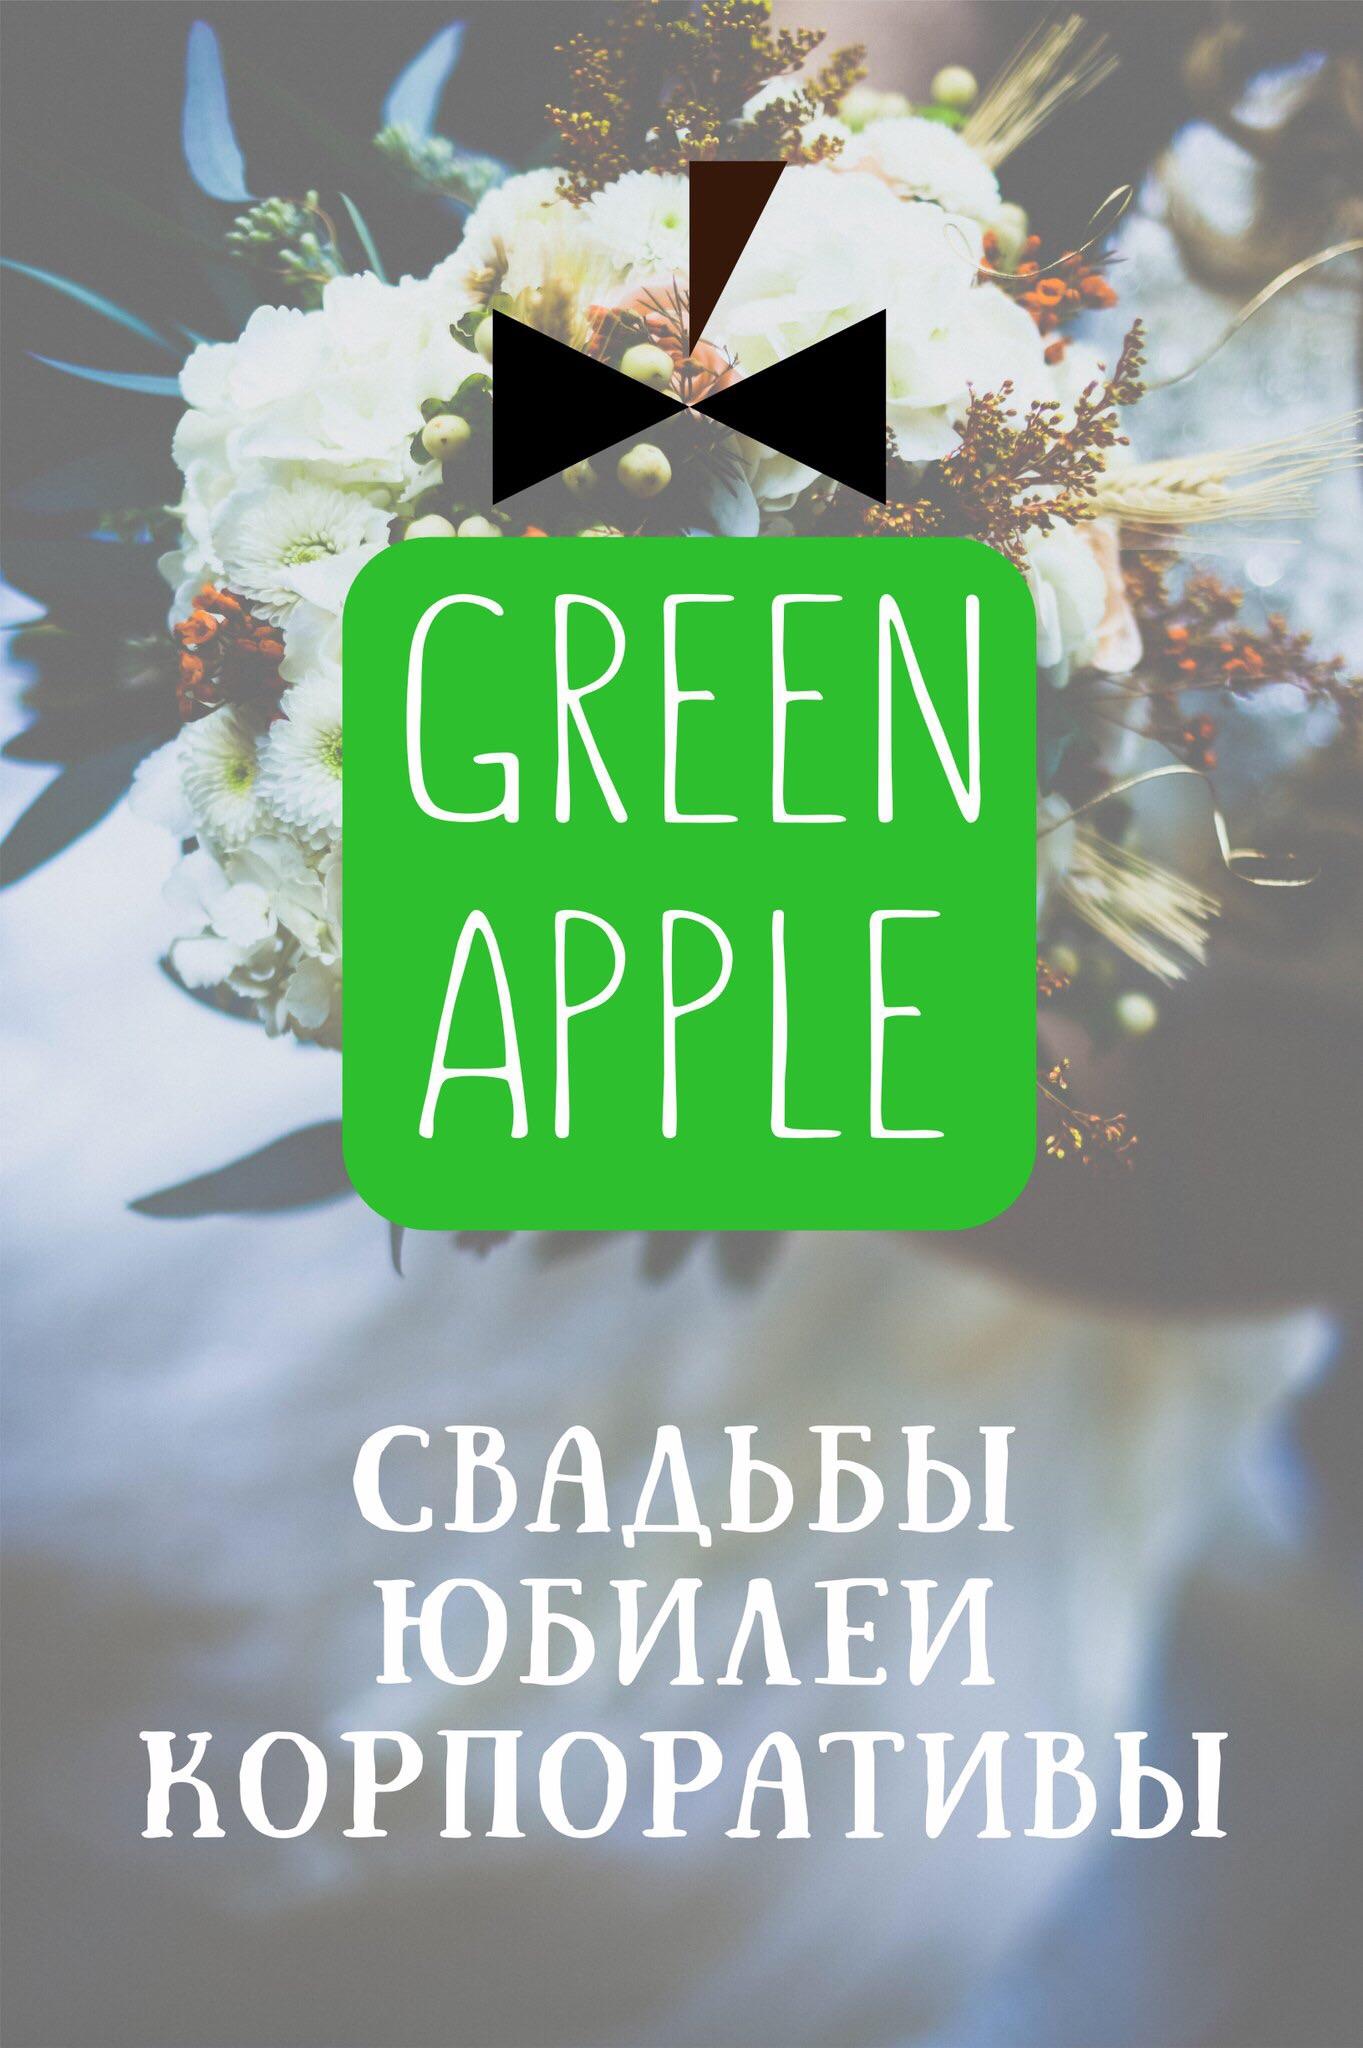 Green Apple в Тюмени